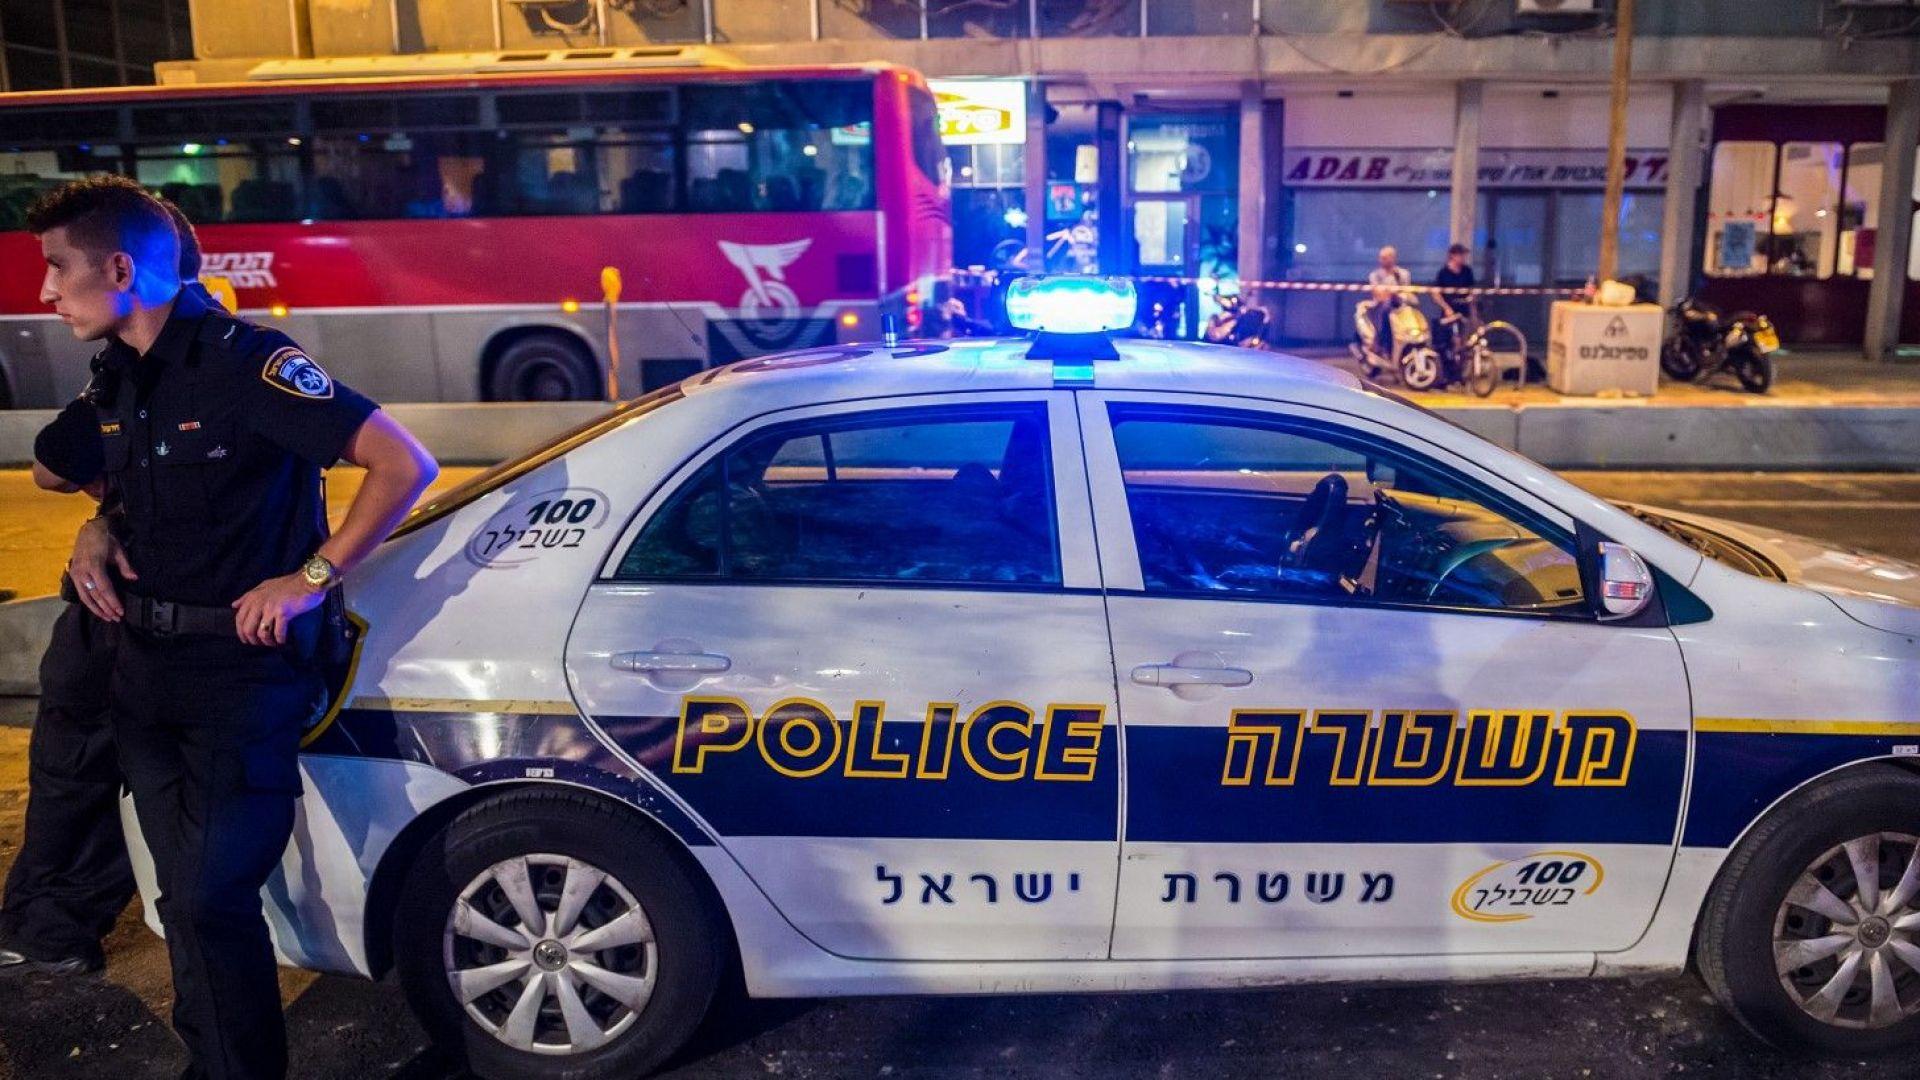 Българи арестувани в Израел с фалшиви кредитни карти